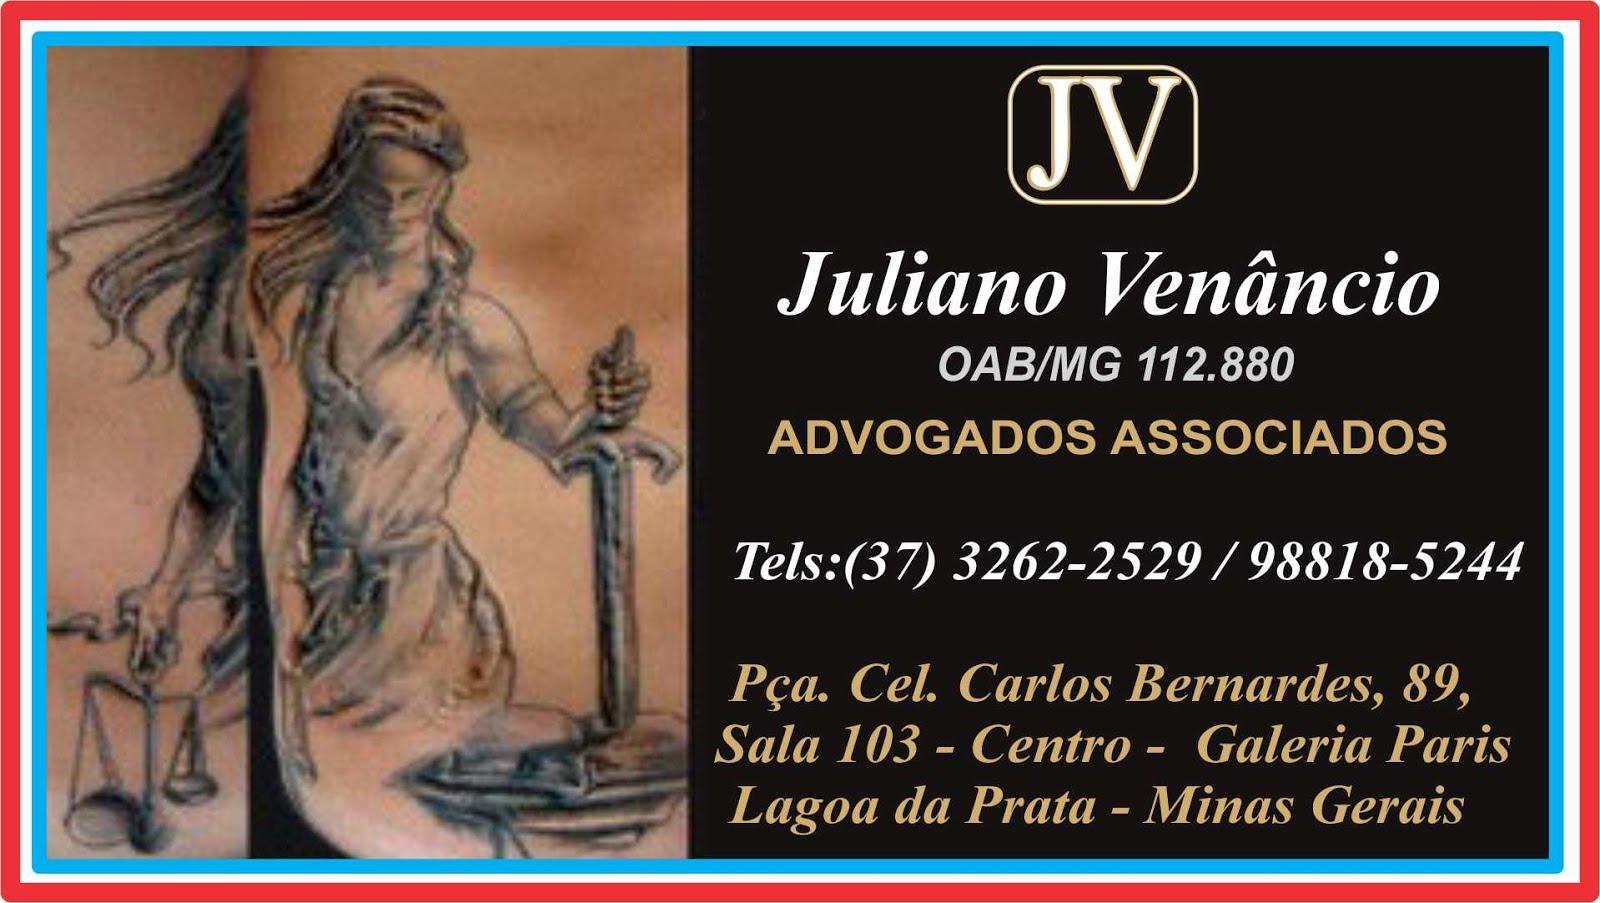 Escritório de Advocacia: Dr. Juliano Venâncio Advogados Associados